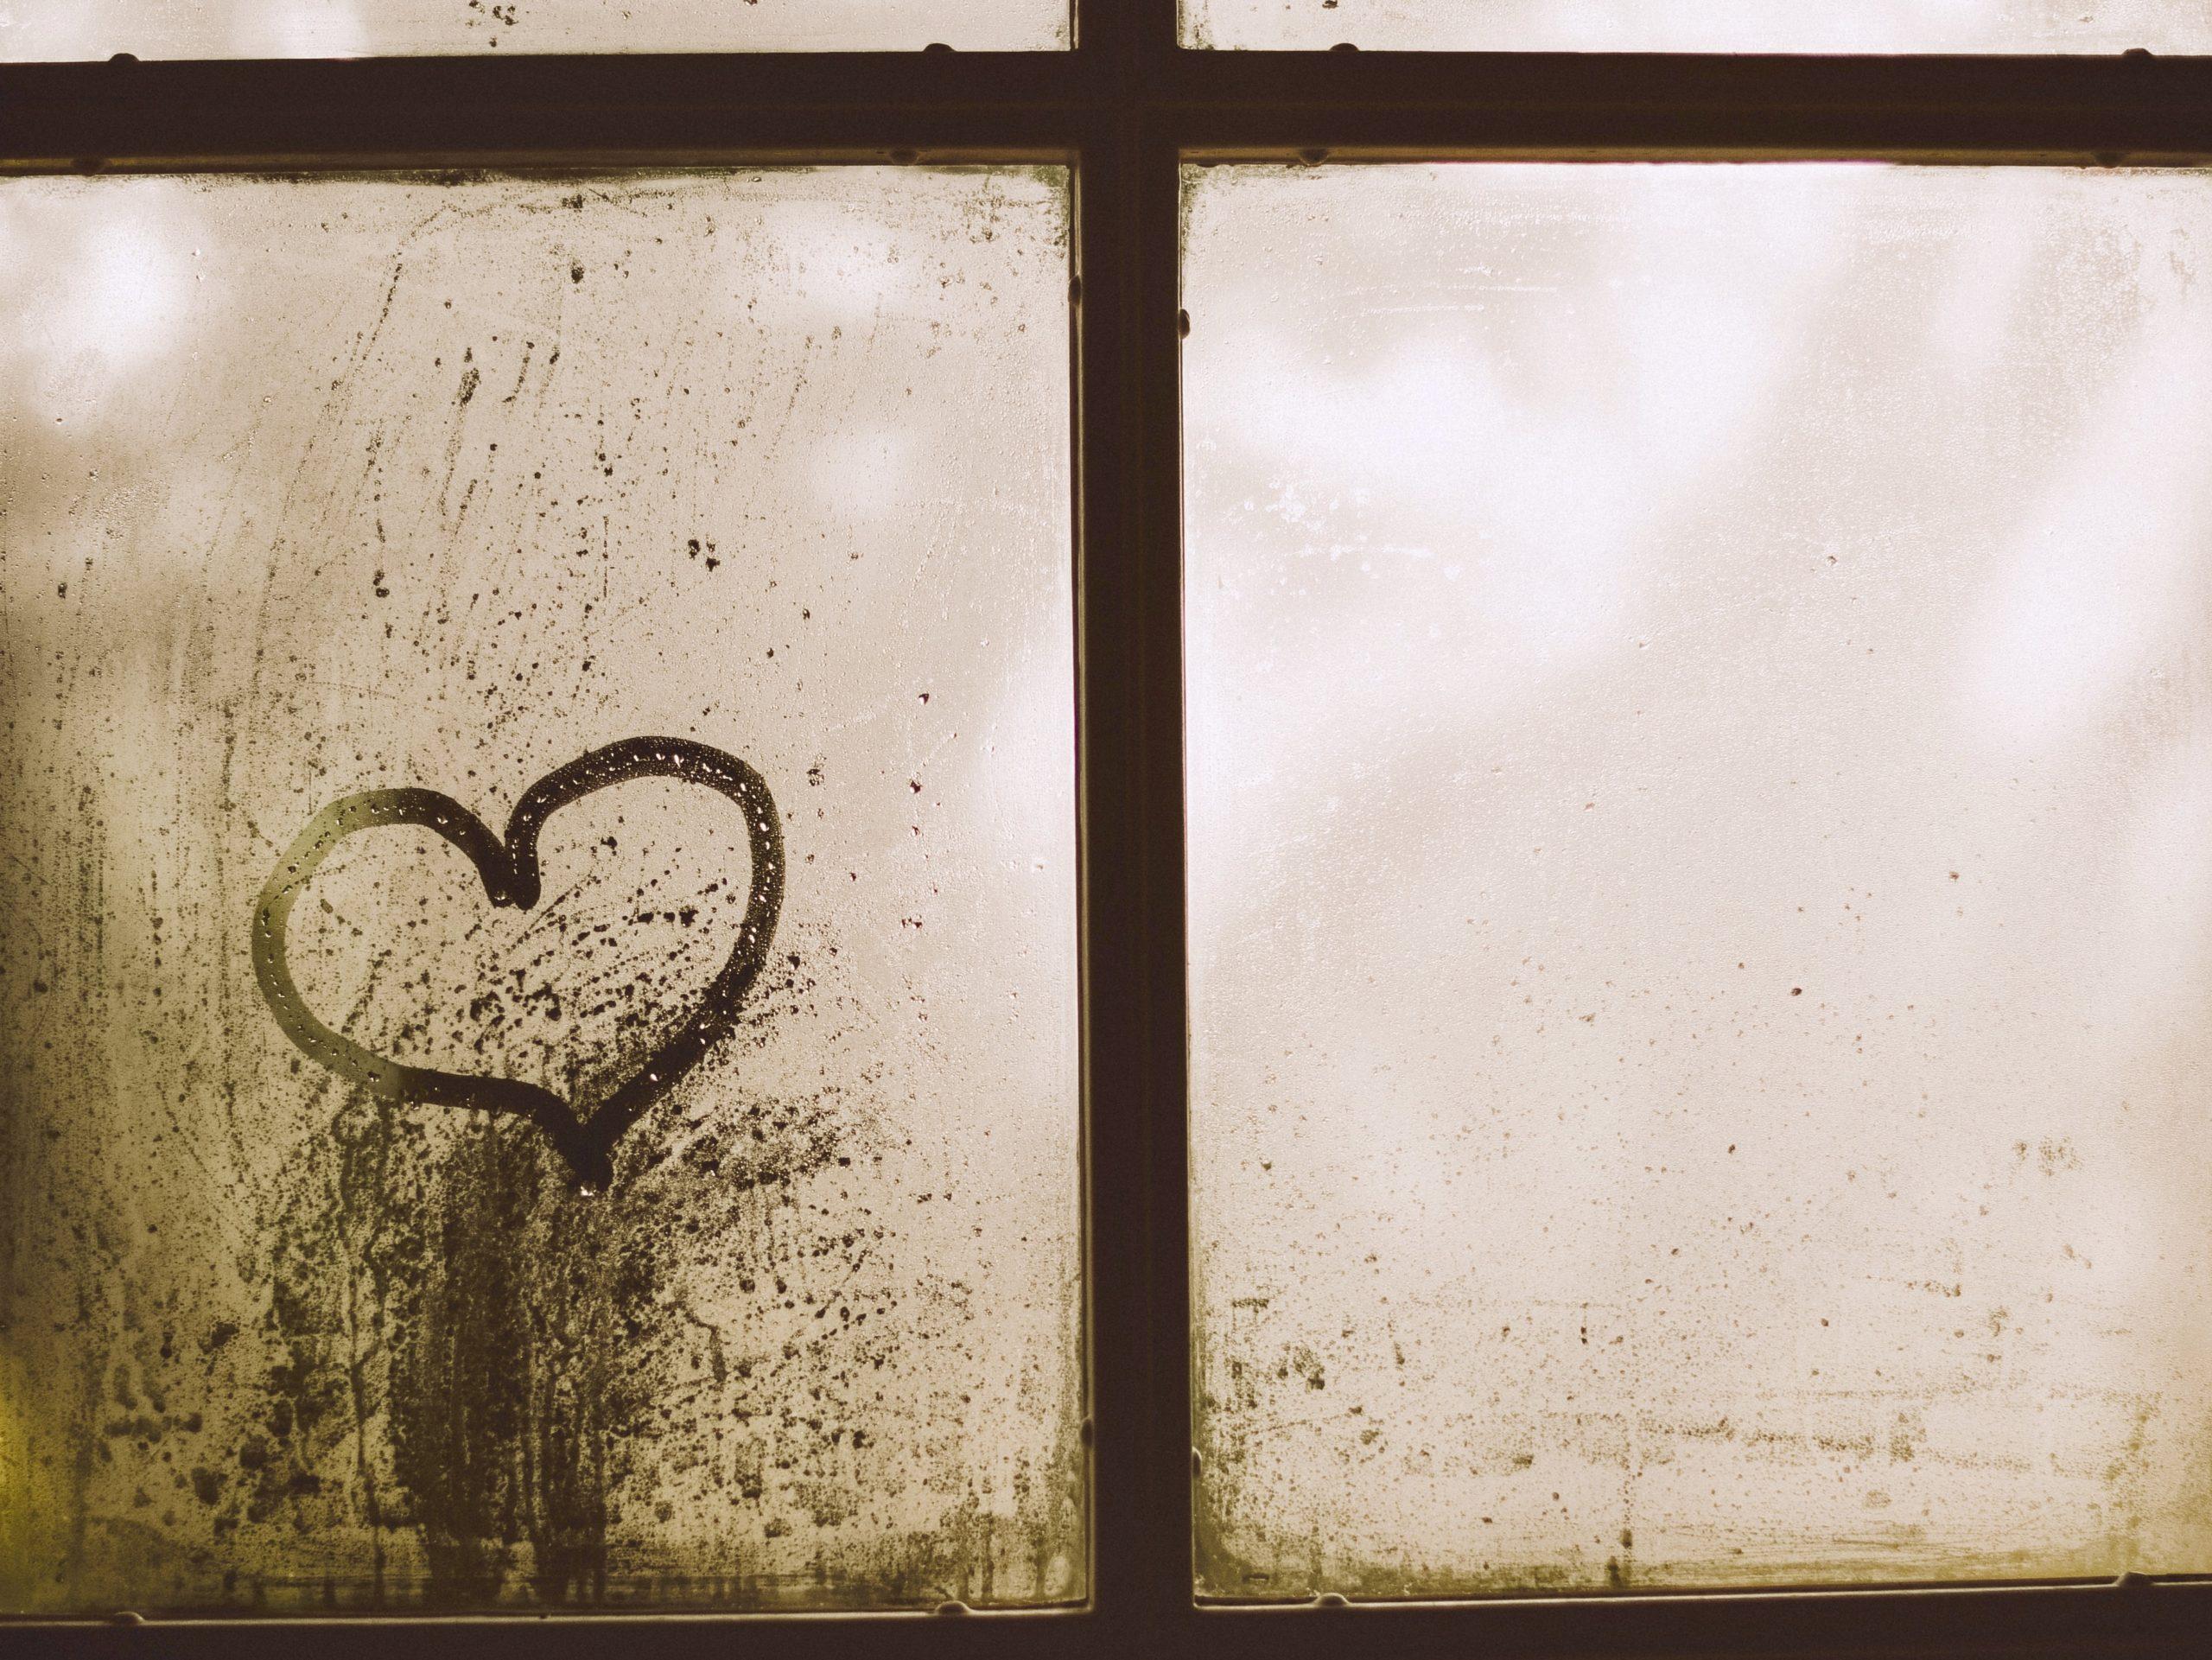 Heart drawn on a foggy window